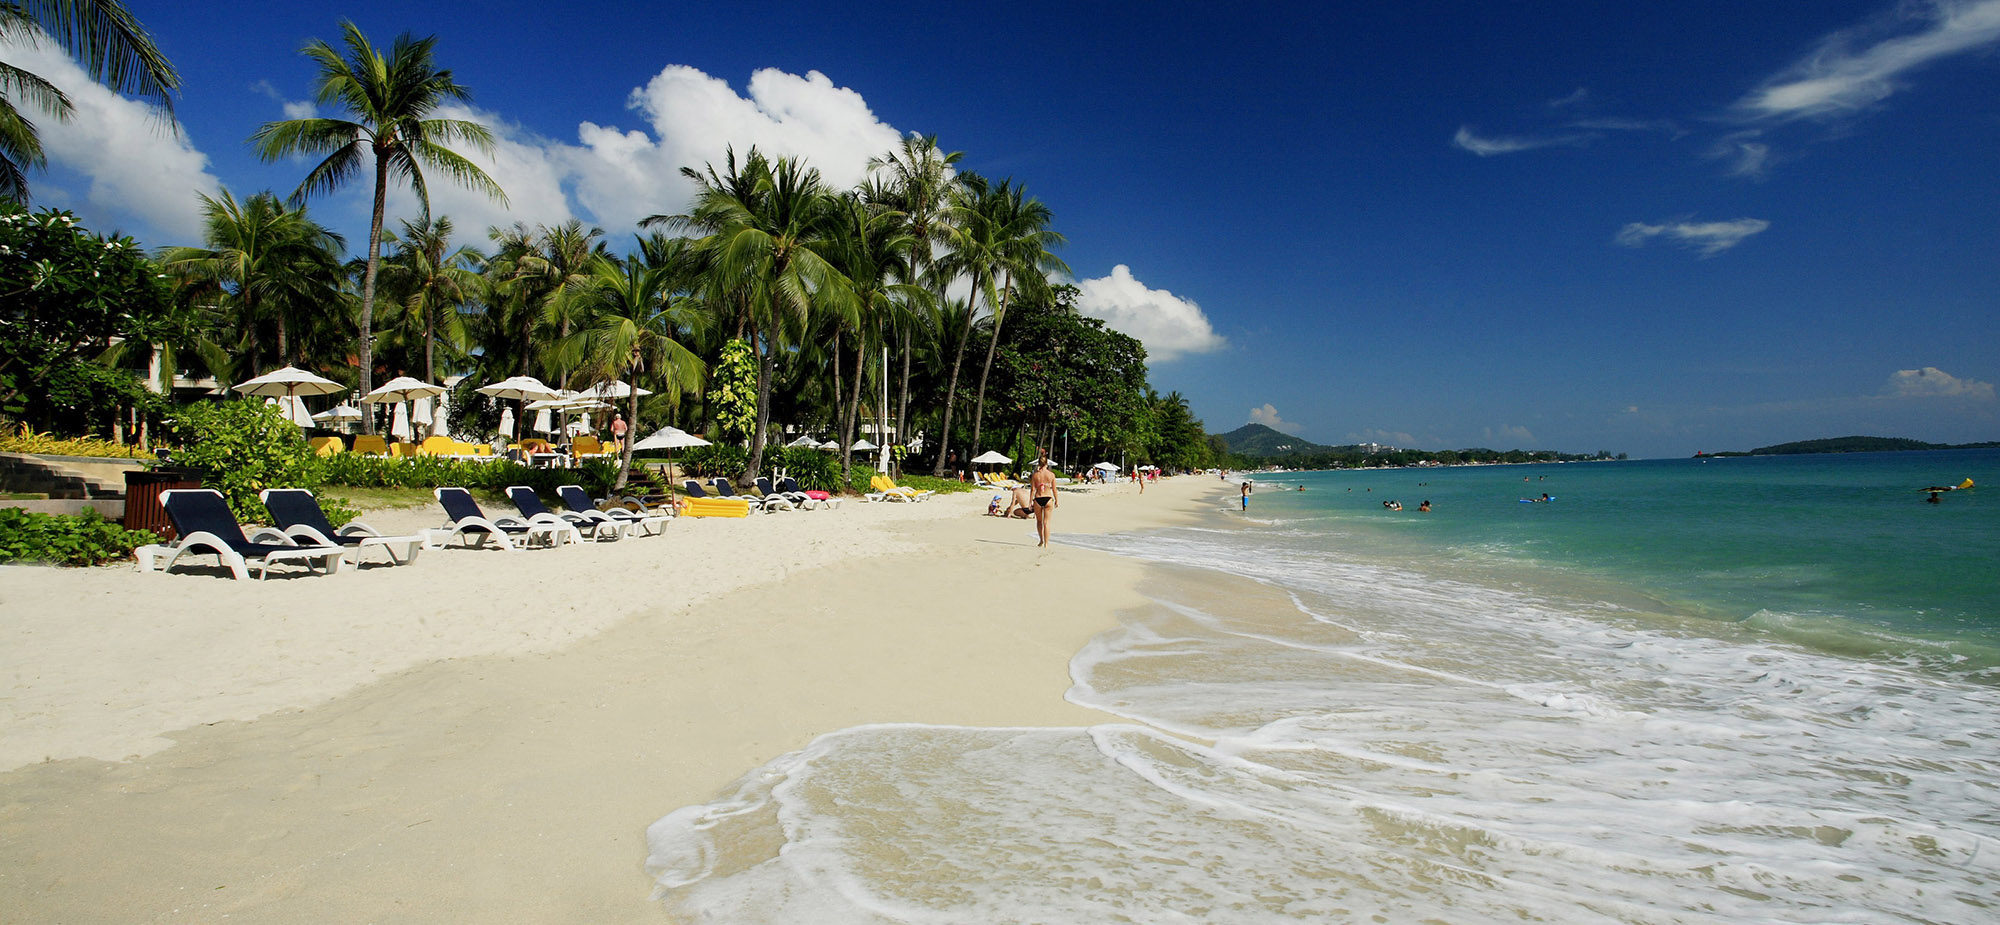 Пляж при одном из отелей